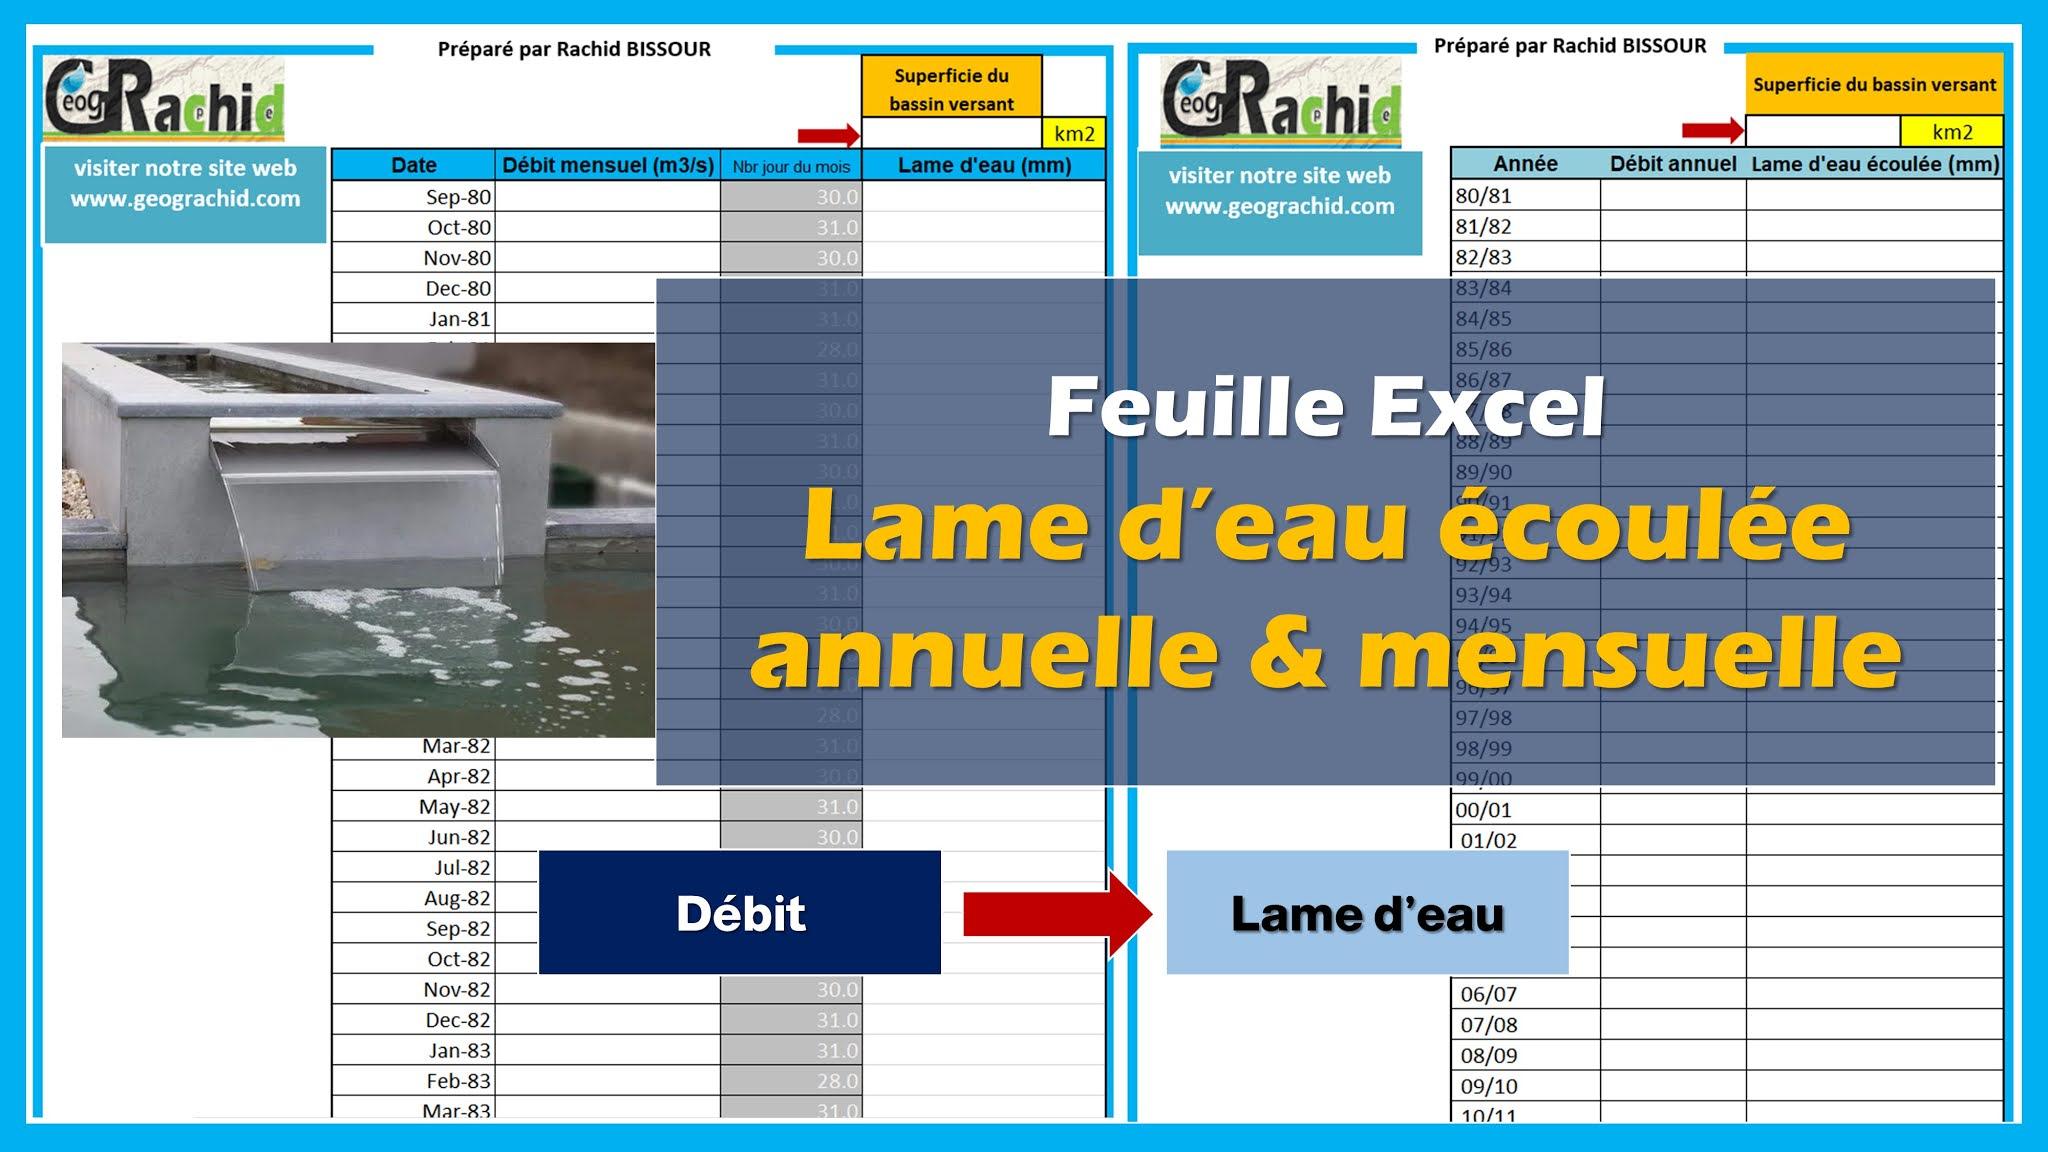 Feuille Excel pour calculer la lame d'eau écoulée annuelle & mensuelle